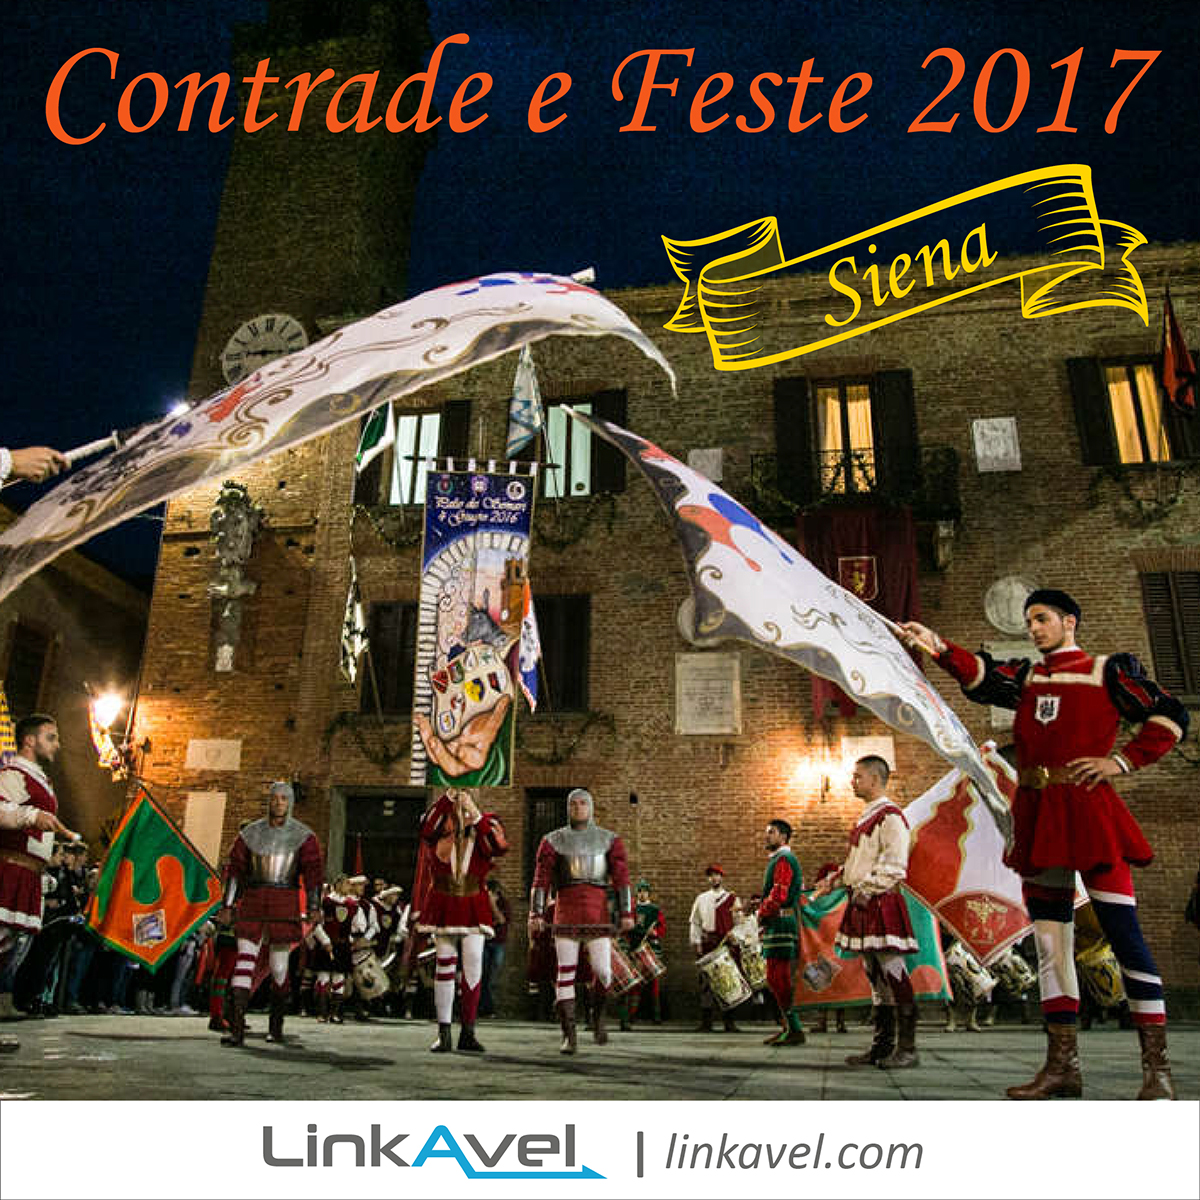 Siena, Contrade e Feste 2017